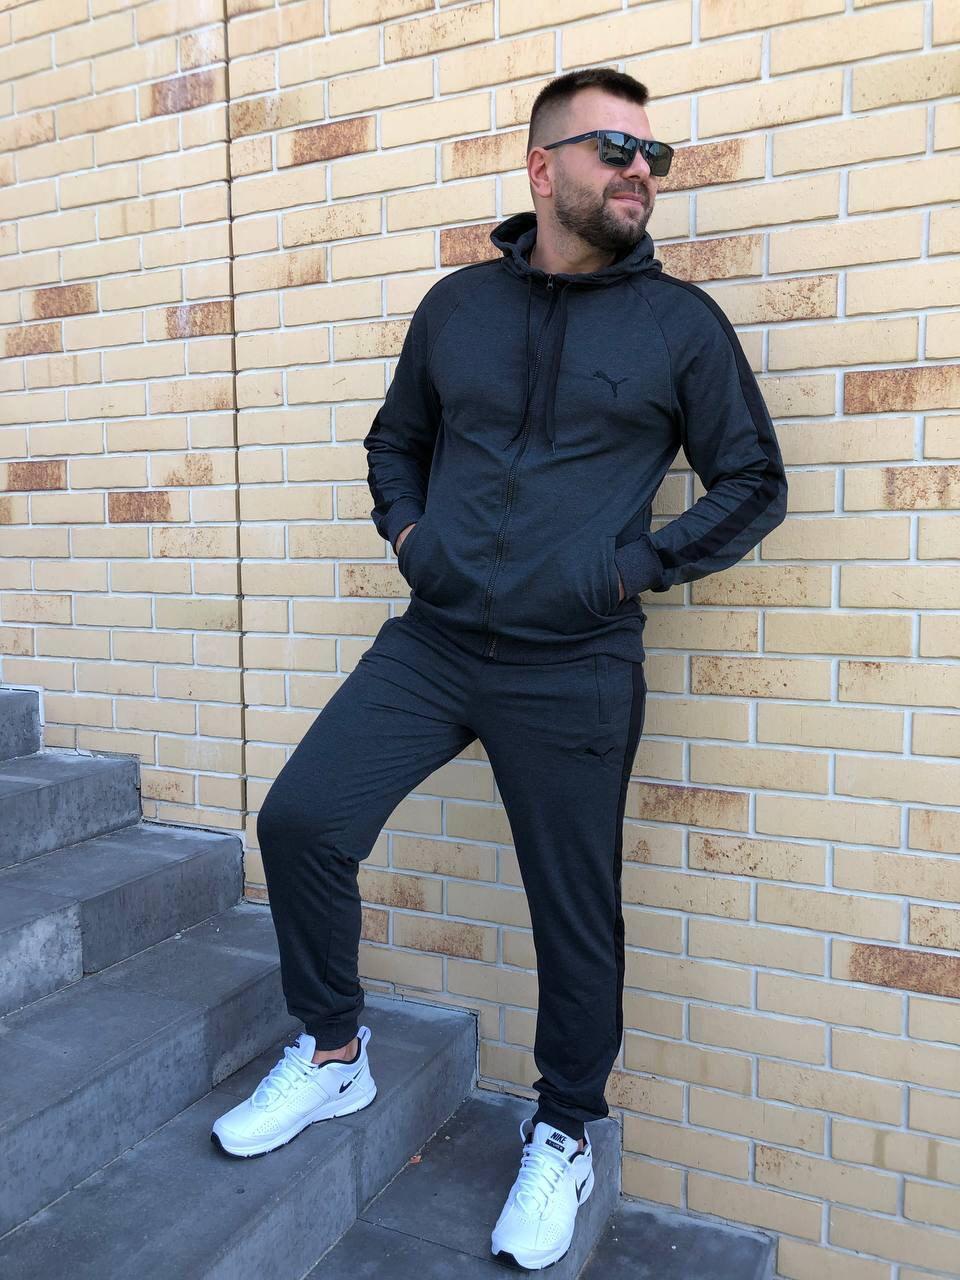 ХИТ 2021! Спортивный костюм Puma весна-осень, спортивний костюм чоловічий